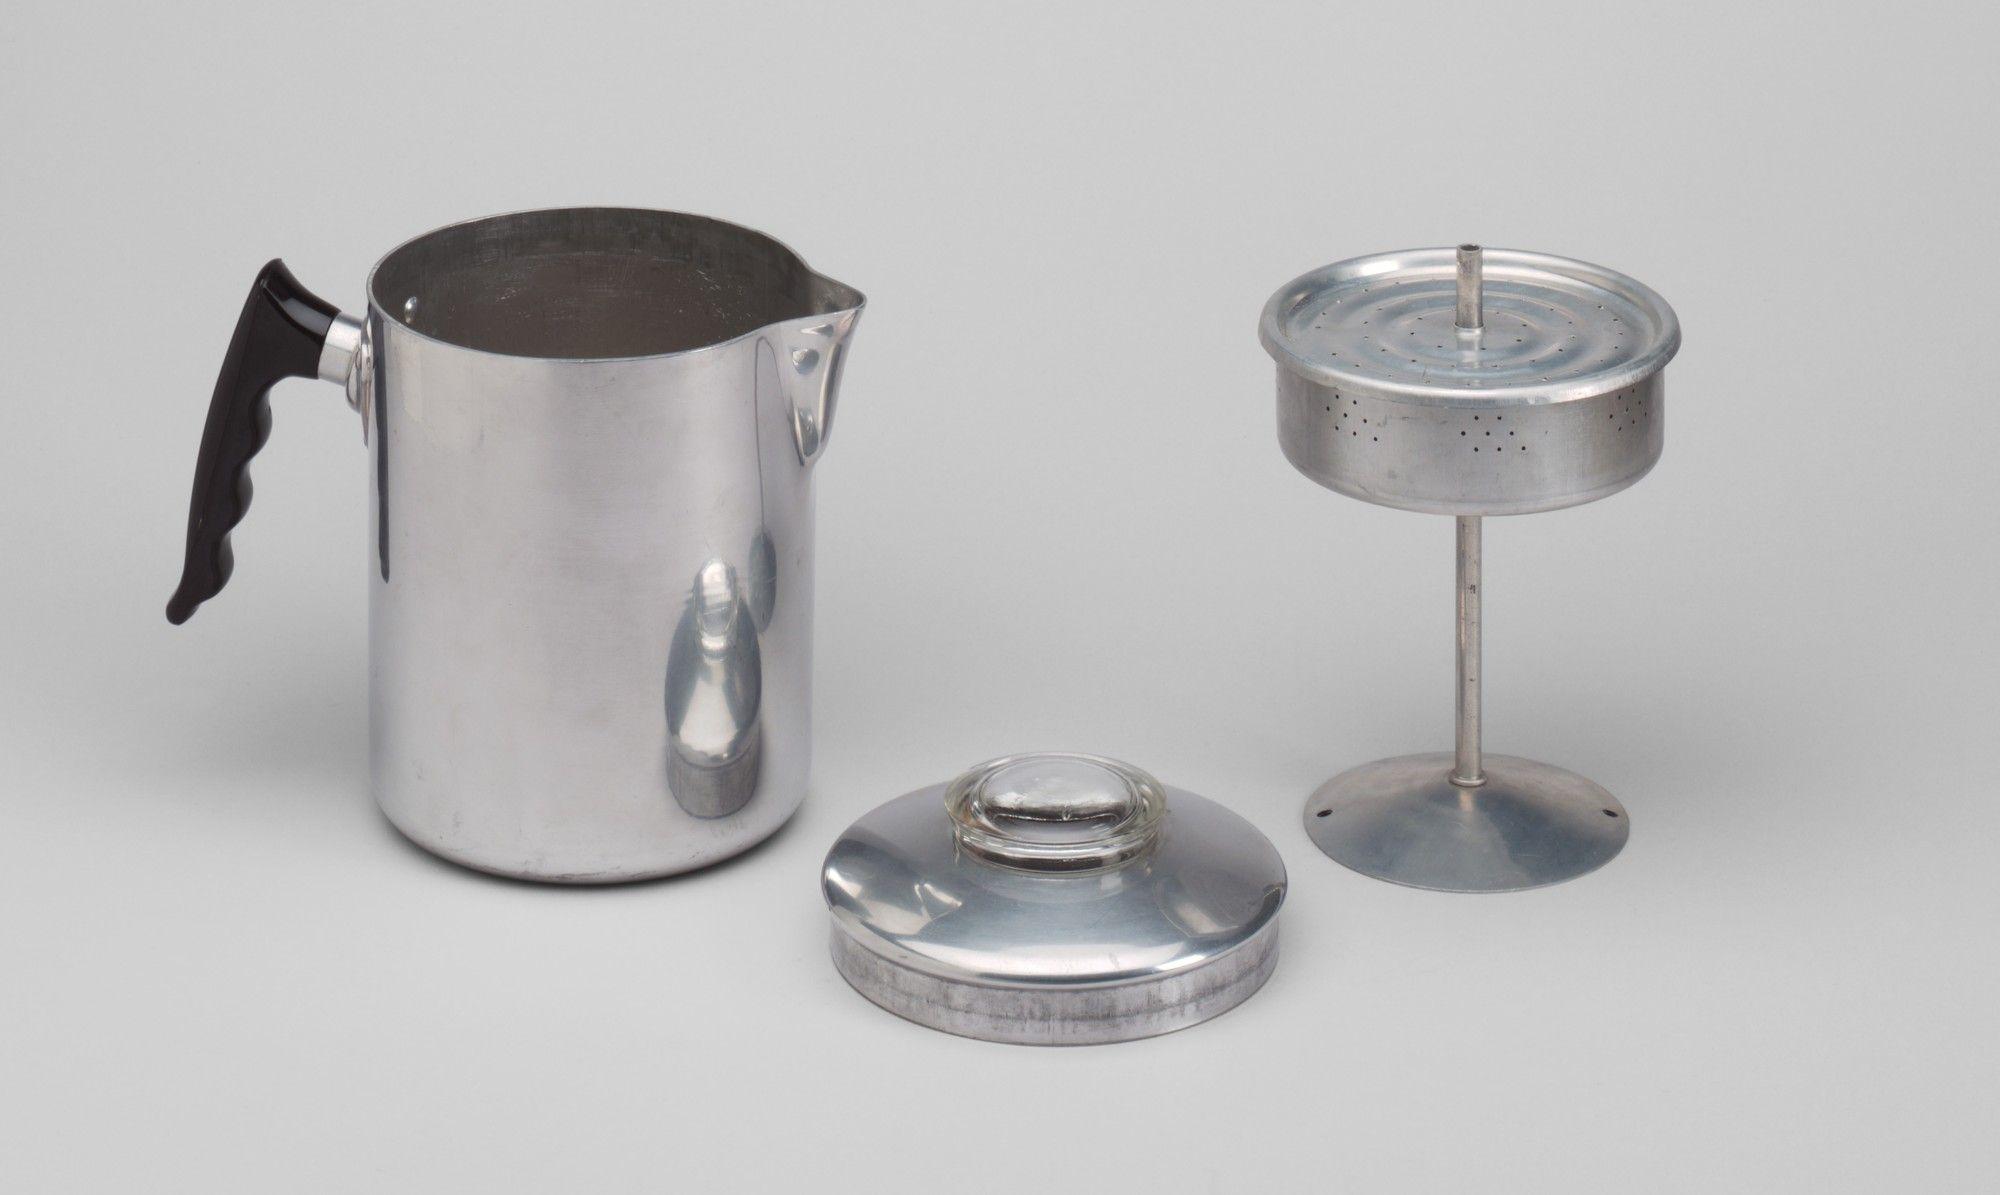 Edward Condak Marco 8 Cup Coffee Percolator C 1946 Moma Percolator Coffee Percolator Coffee